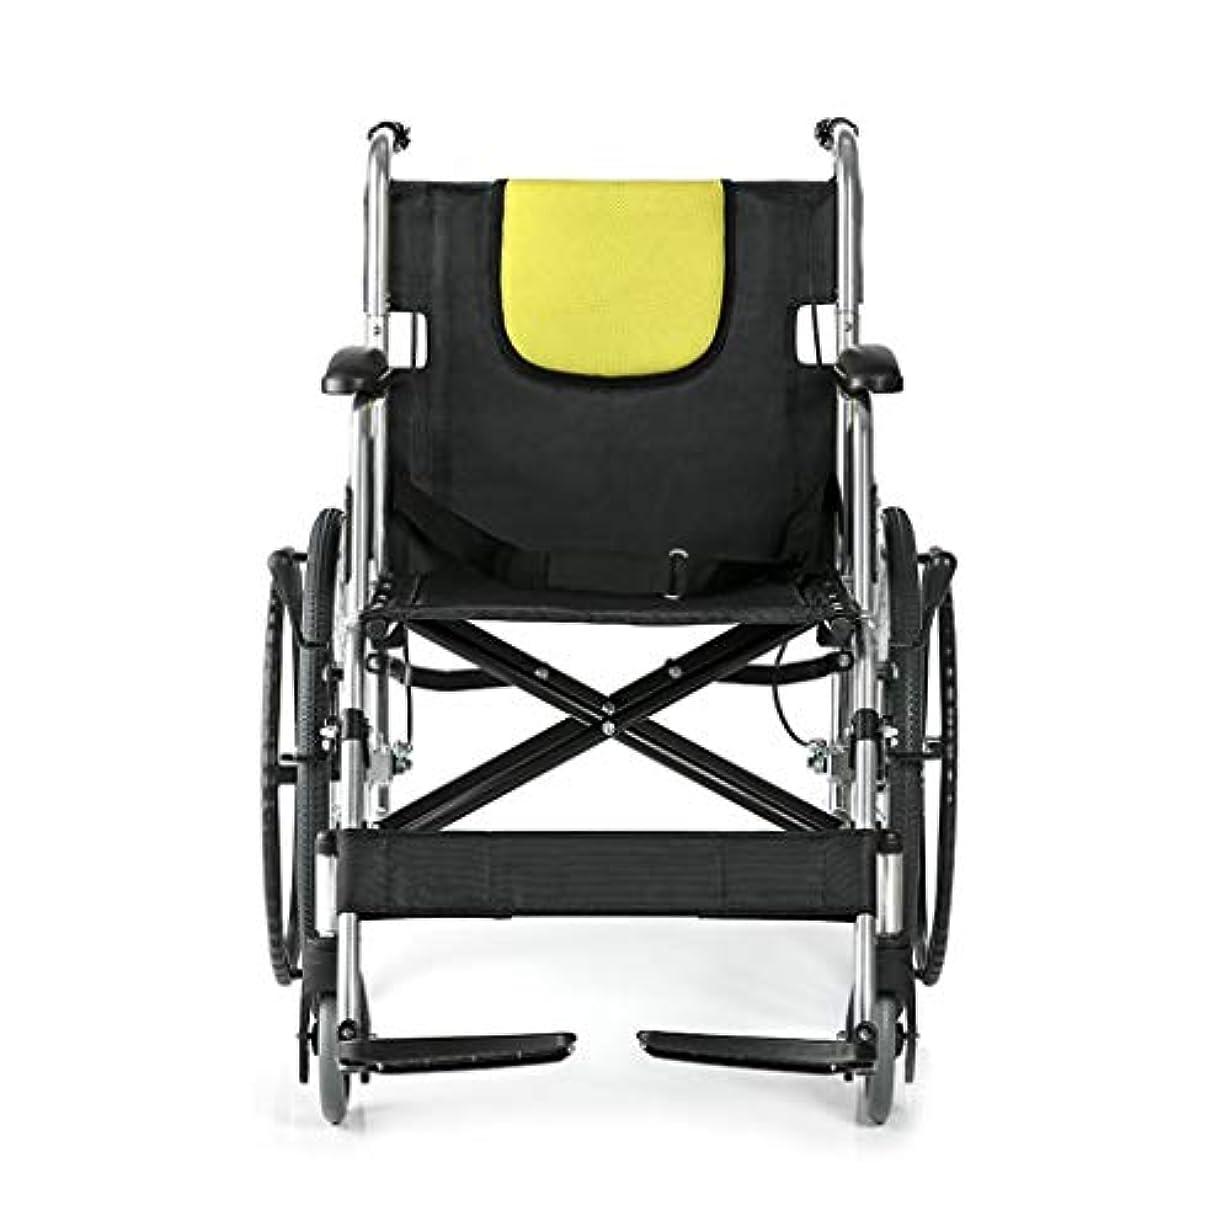 同行勇敢なぬいぐるみ車椅子の老人は折り畳むことができ、障害者、高齢者、リハビリテーション患者向けの車椅子用に4つのブレーキが設計されています